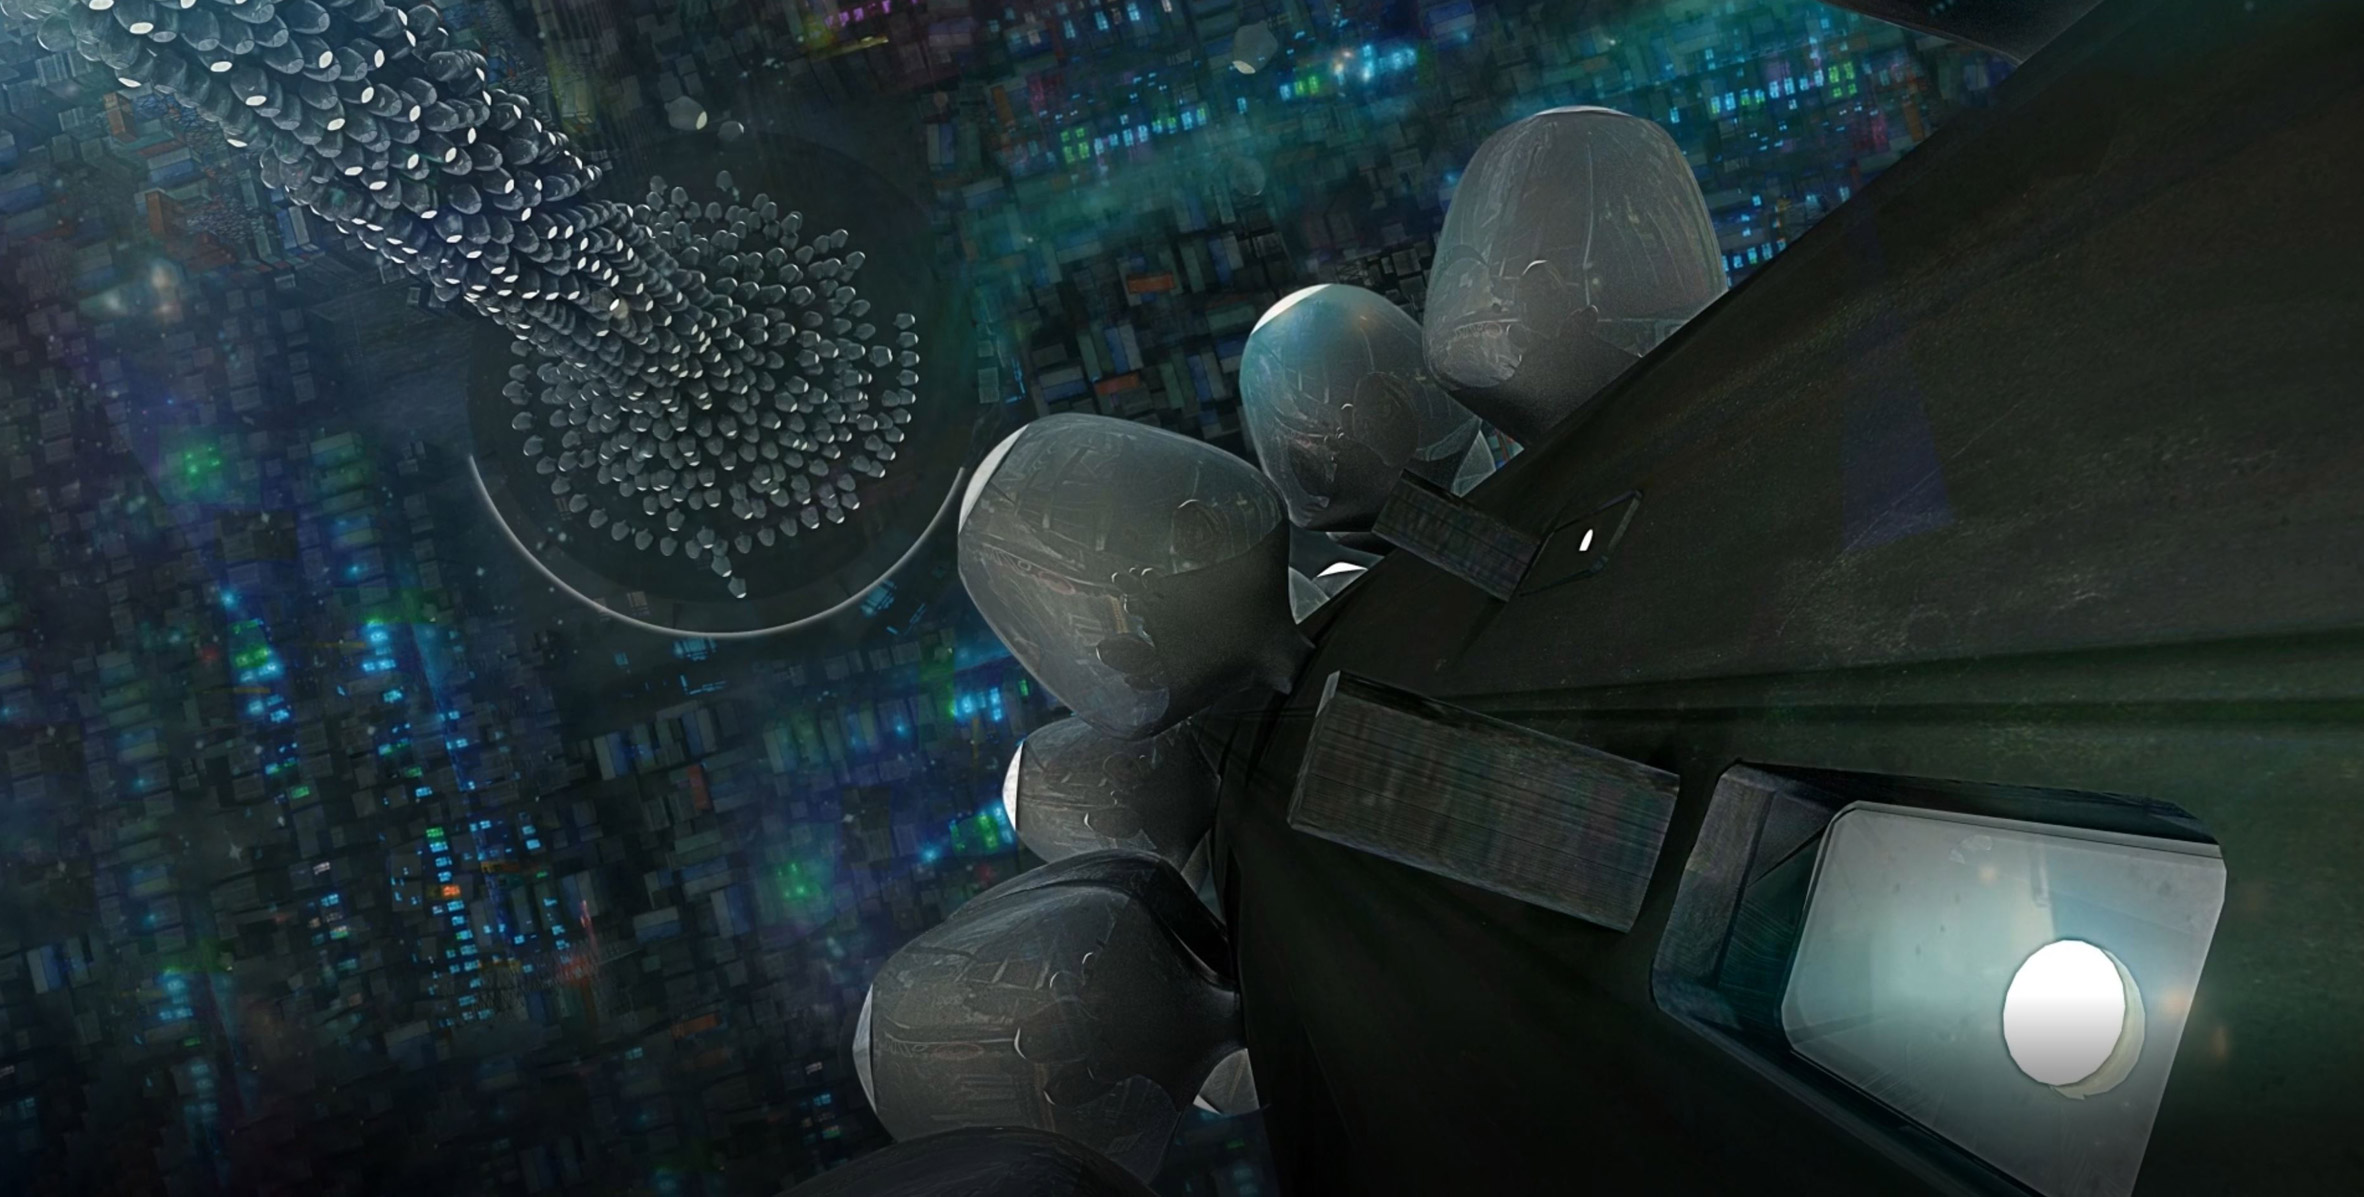 A Metallic Villadrone movie by Studio MK27